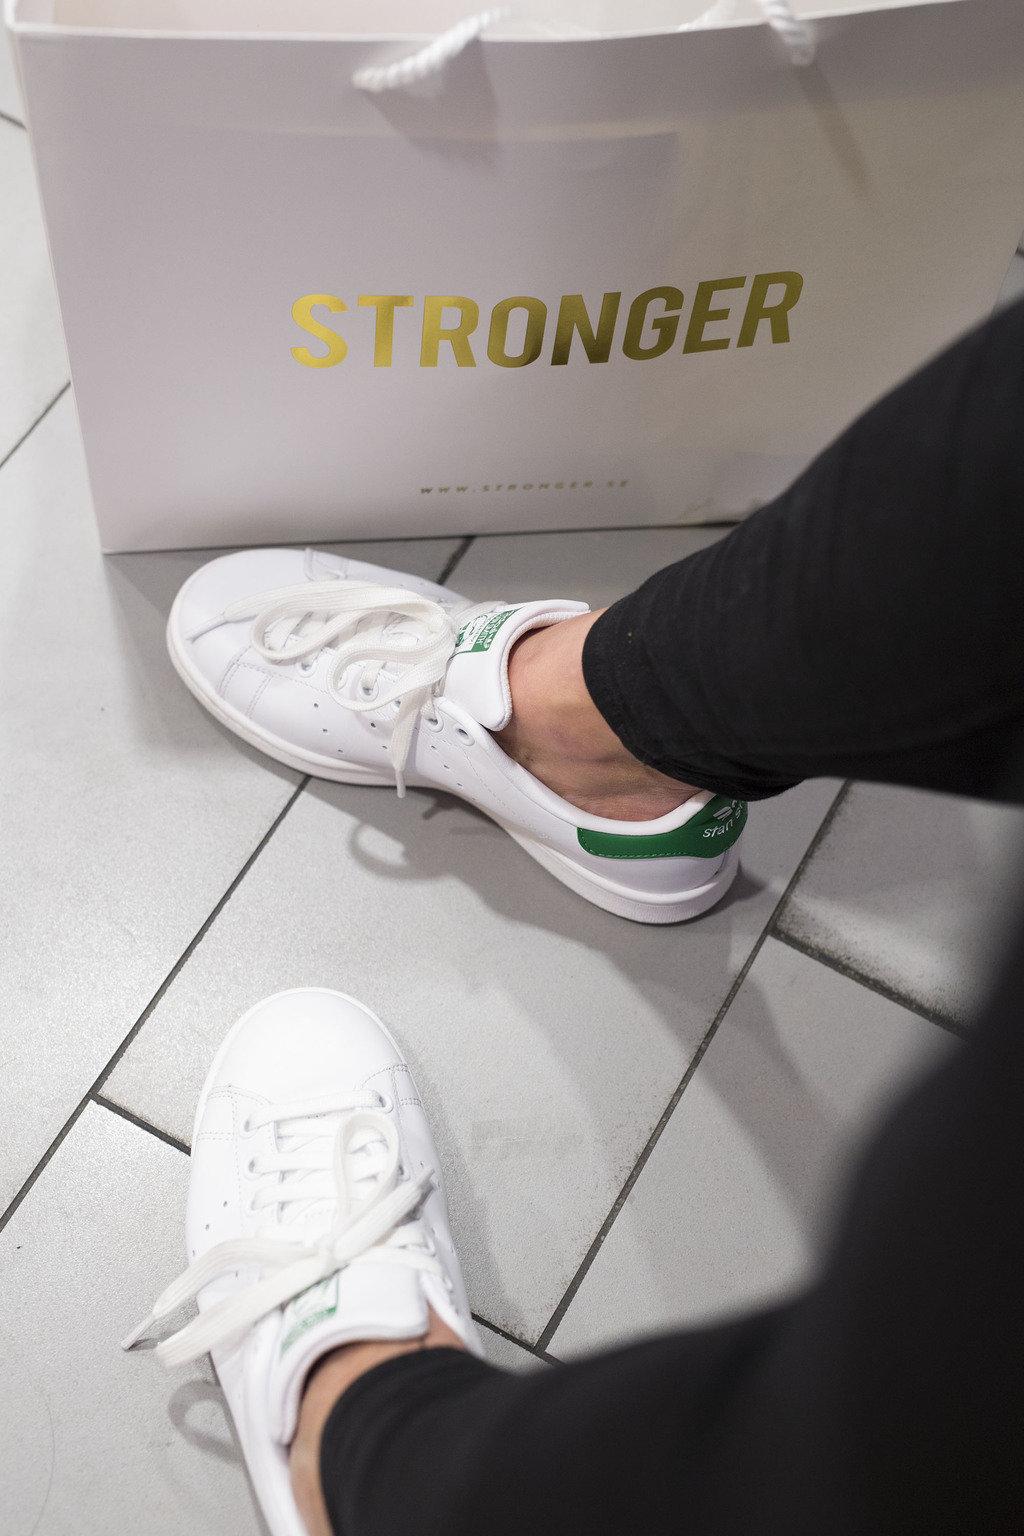 stronger5